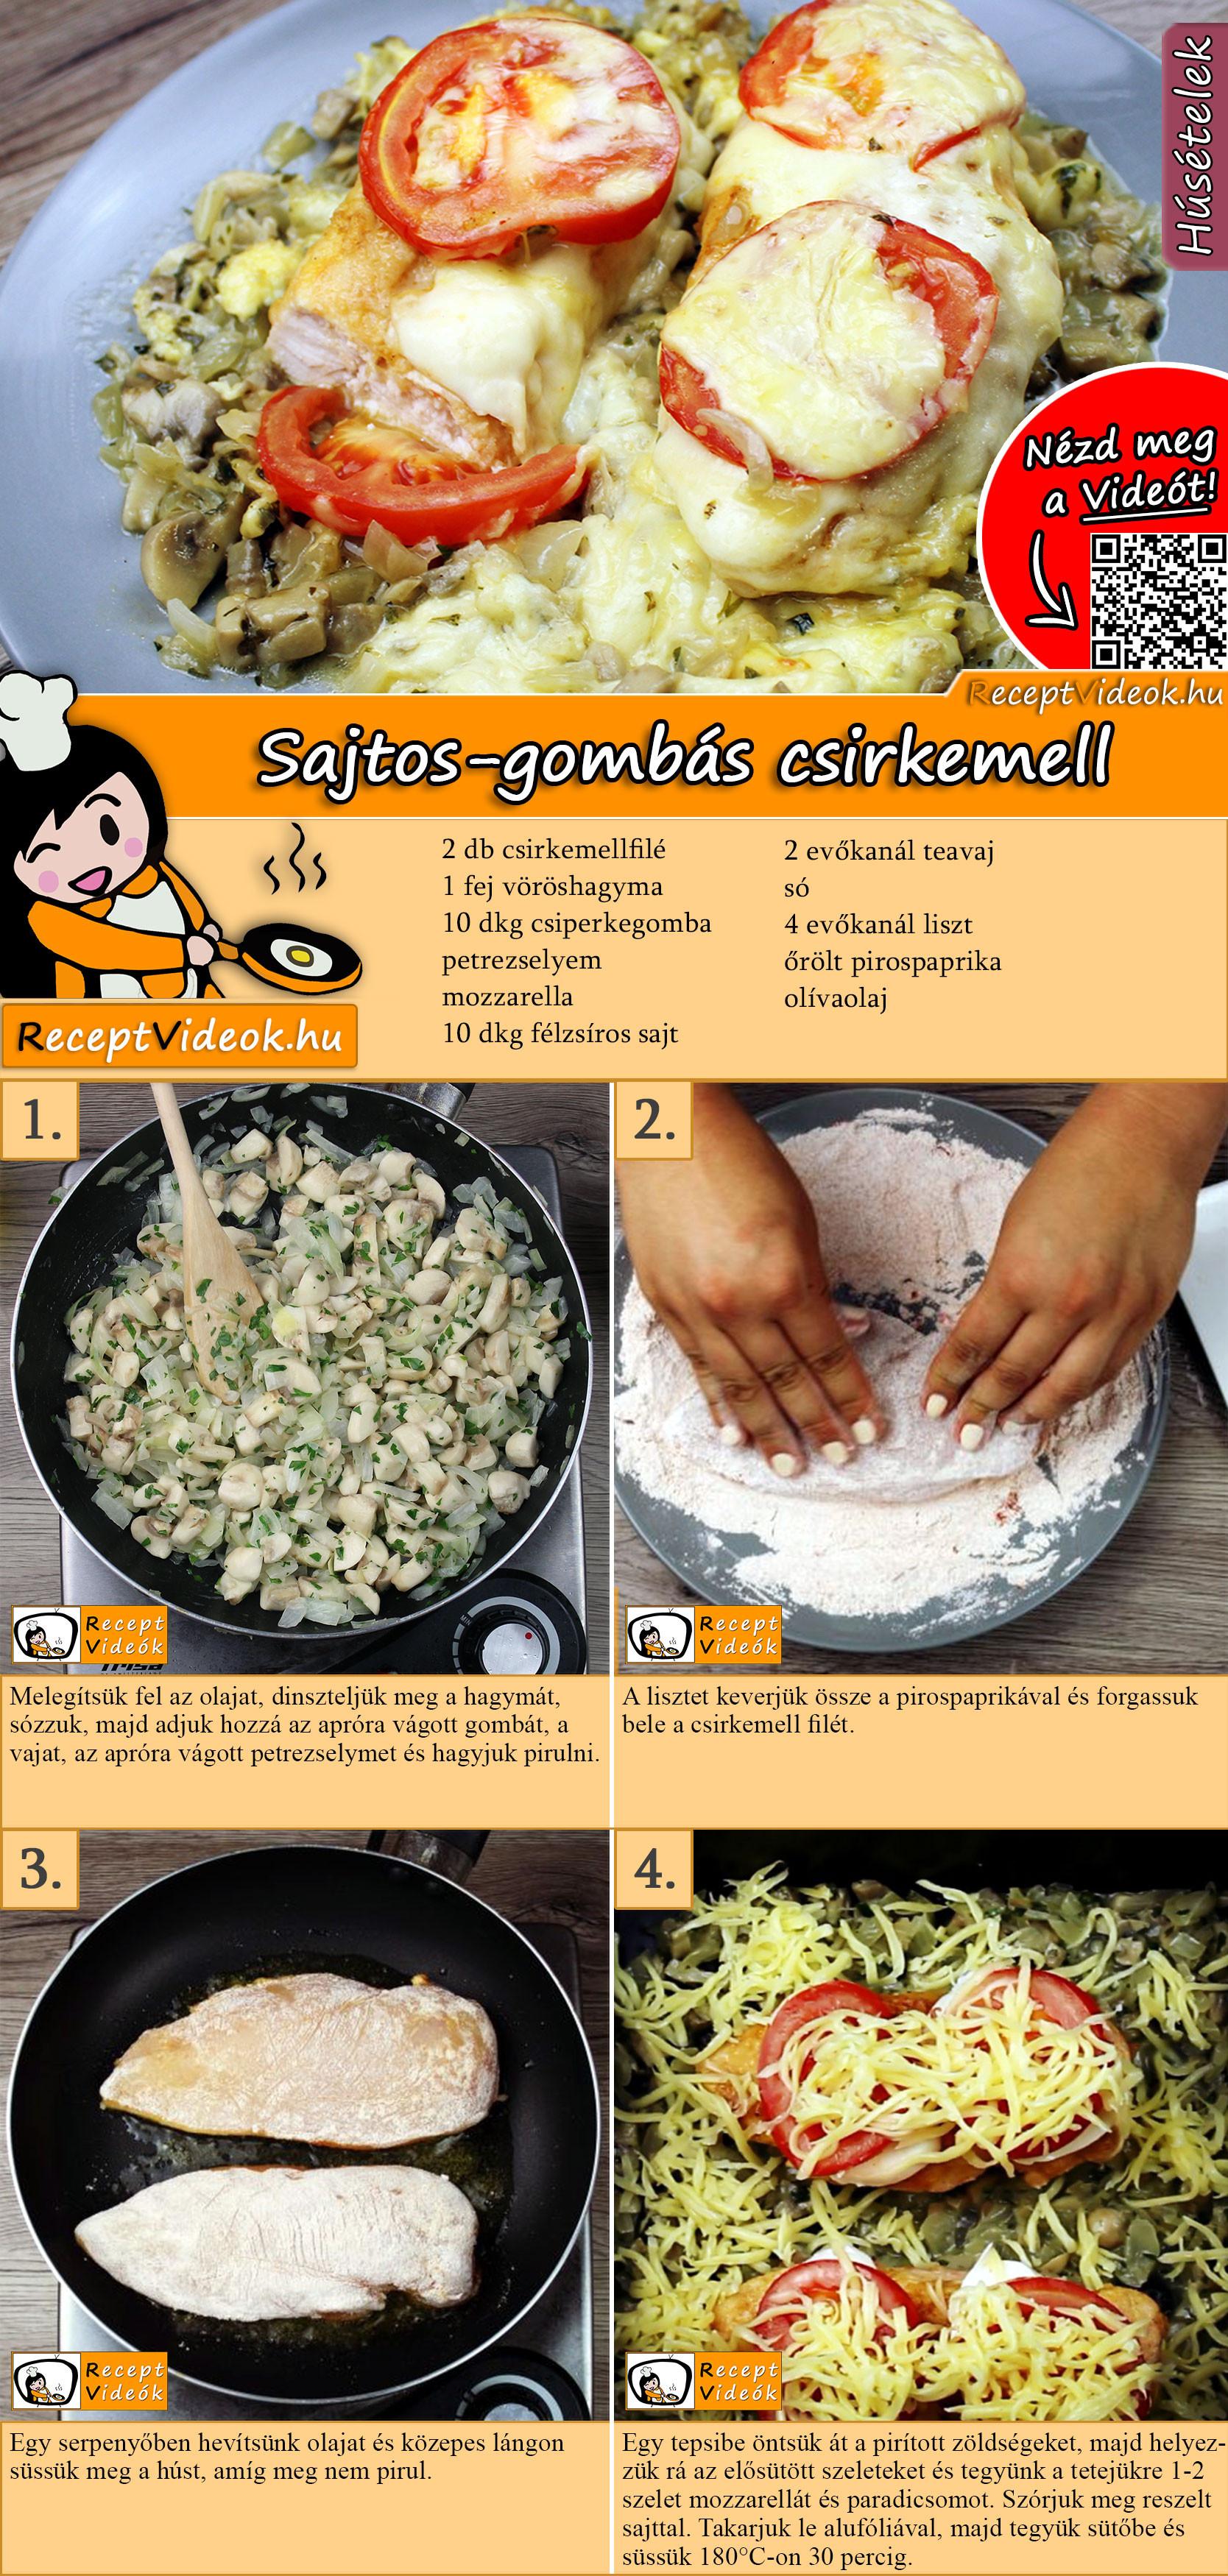 Sajtos-gombás csirkemell recept elkészítése videóval